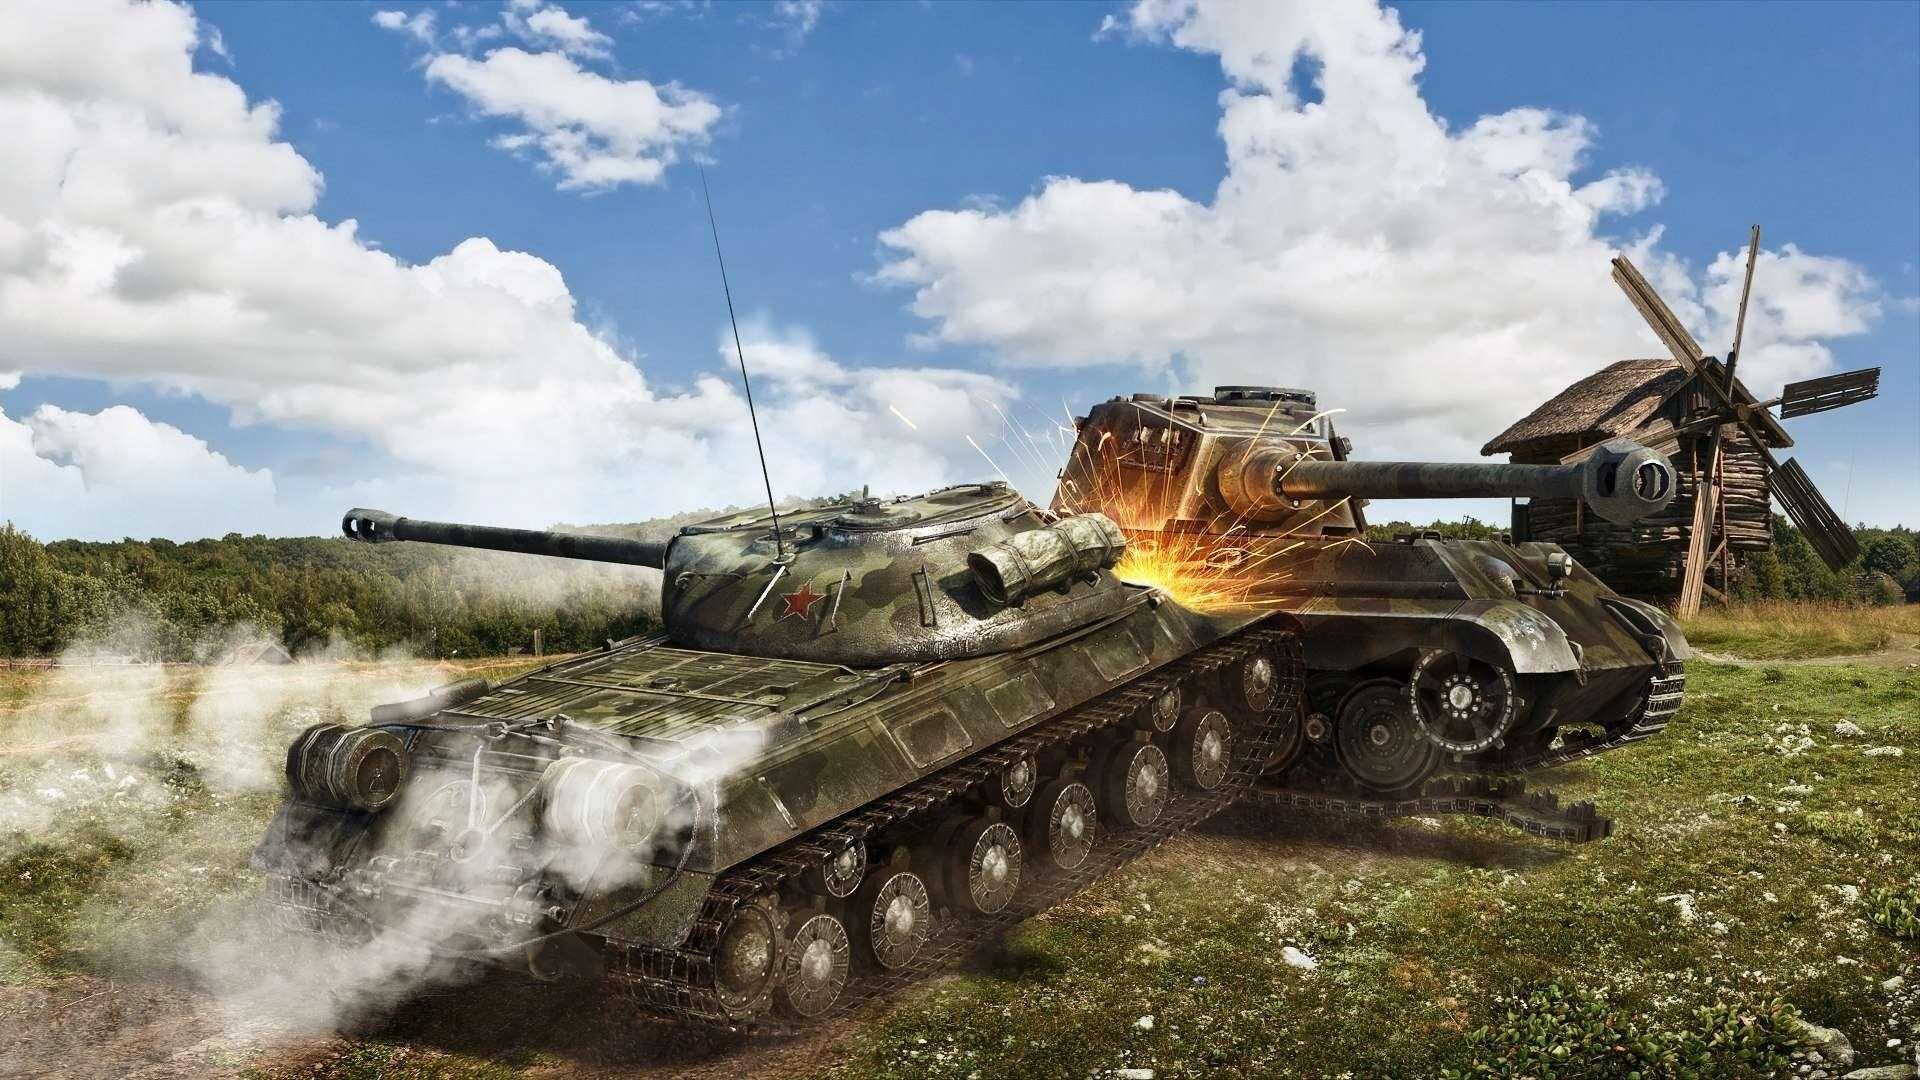 Почему эти танки самые популярные? 8 уровень🔝 Вторая часть